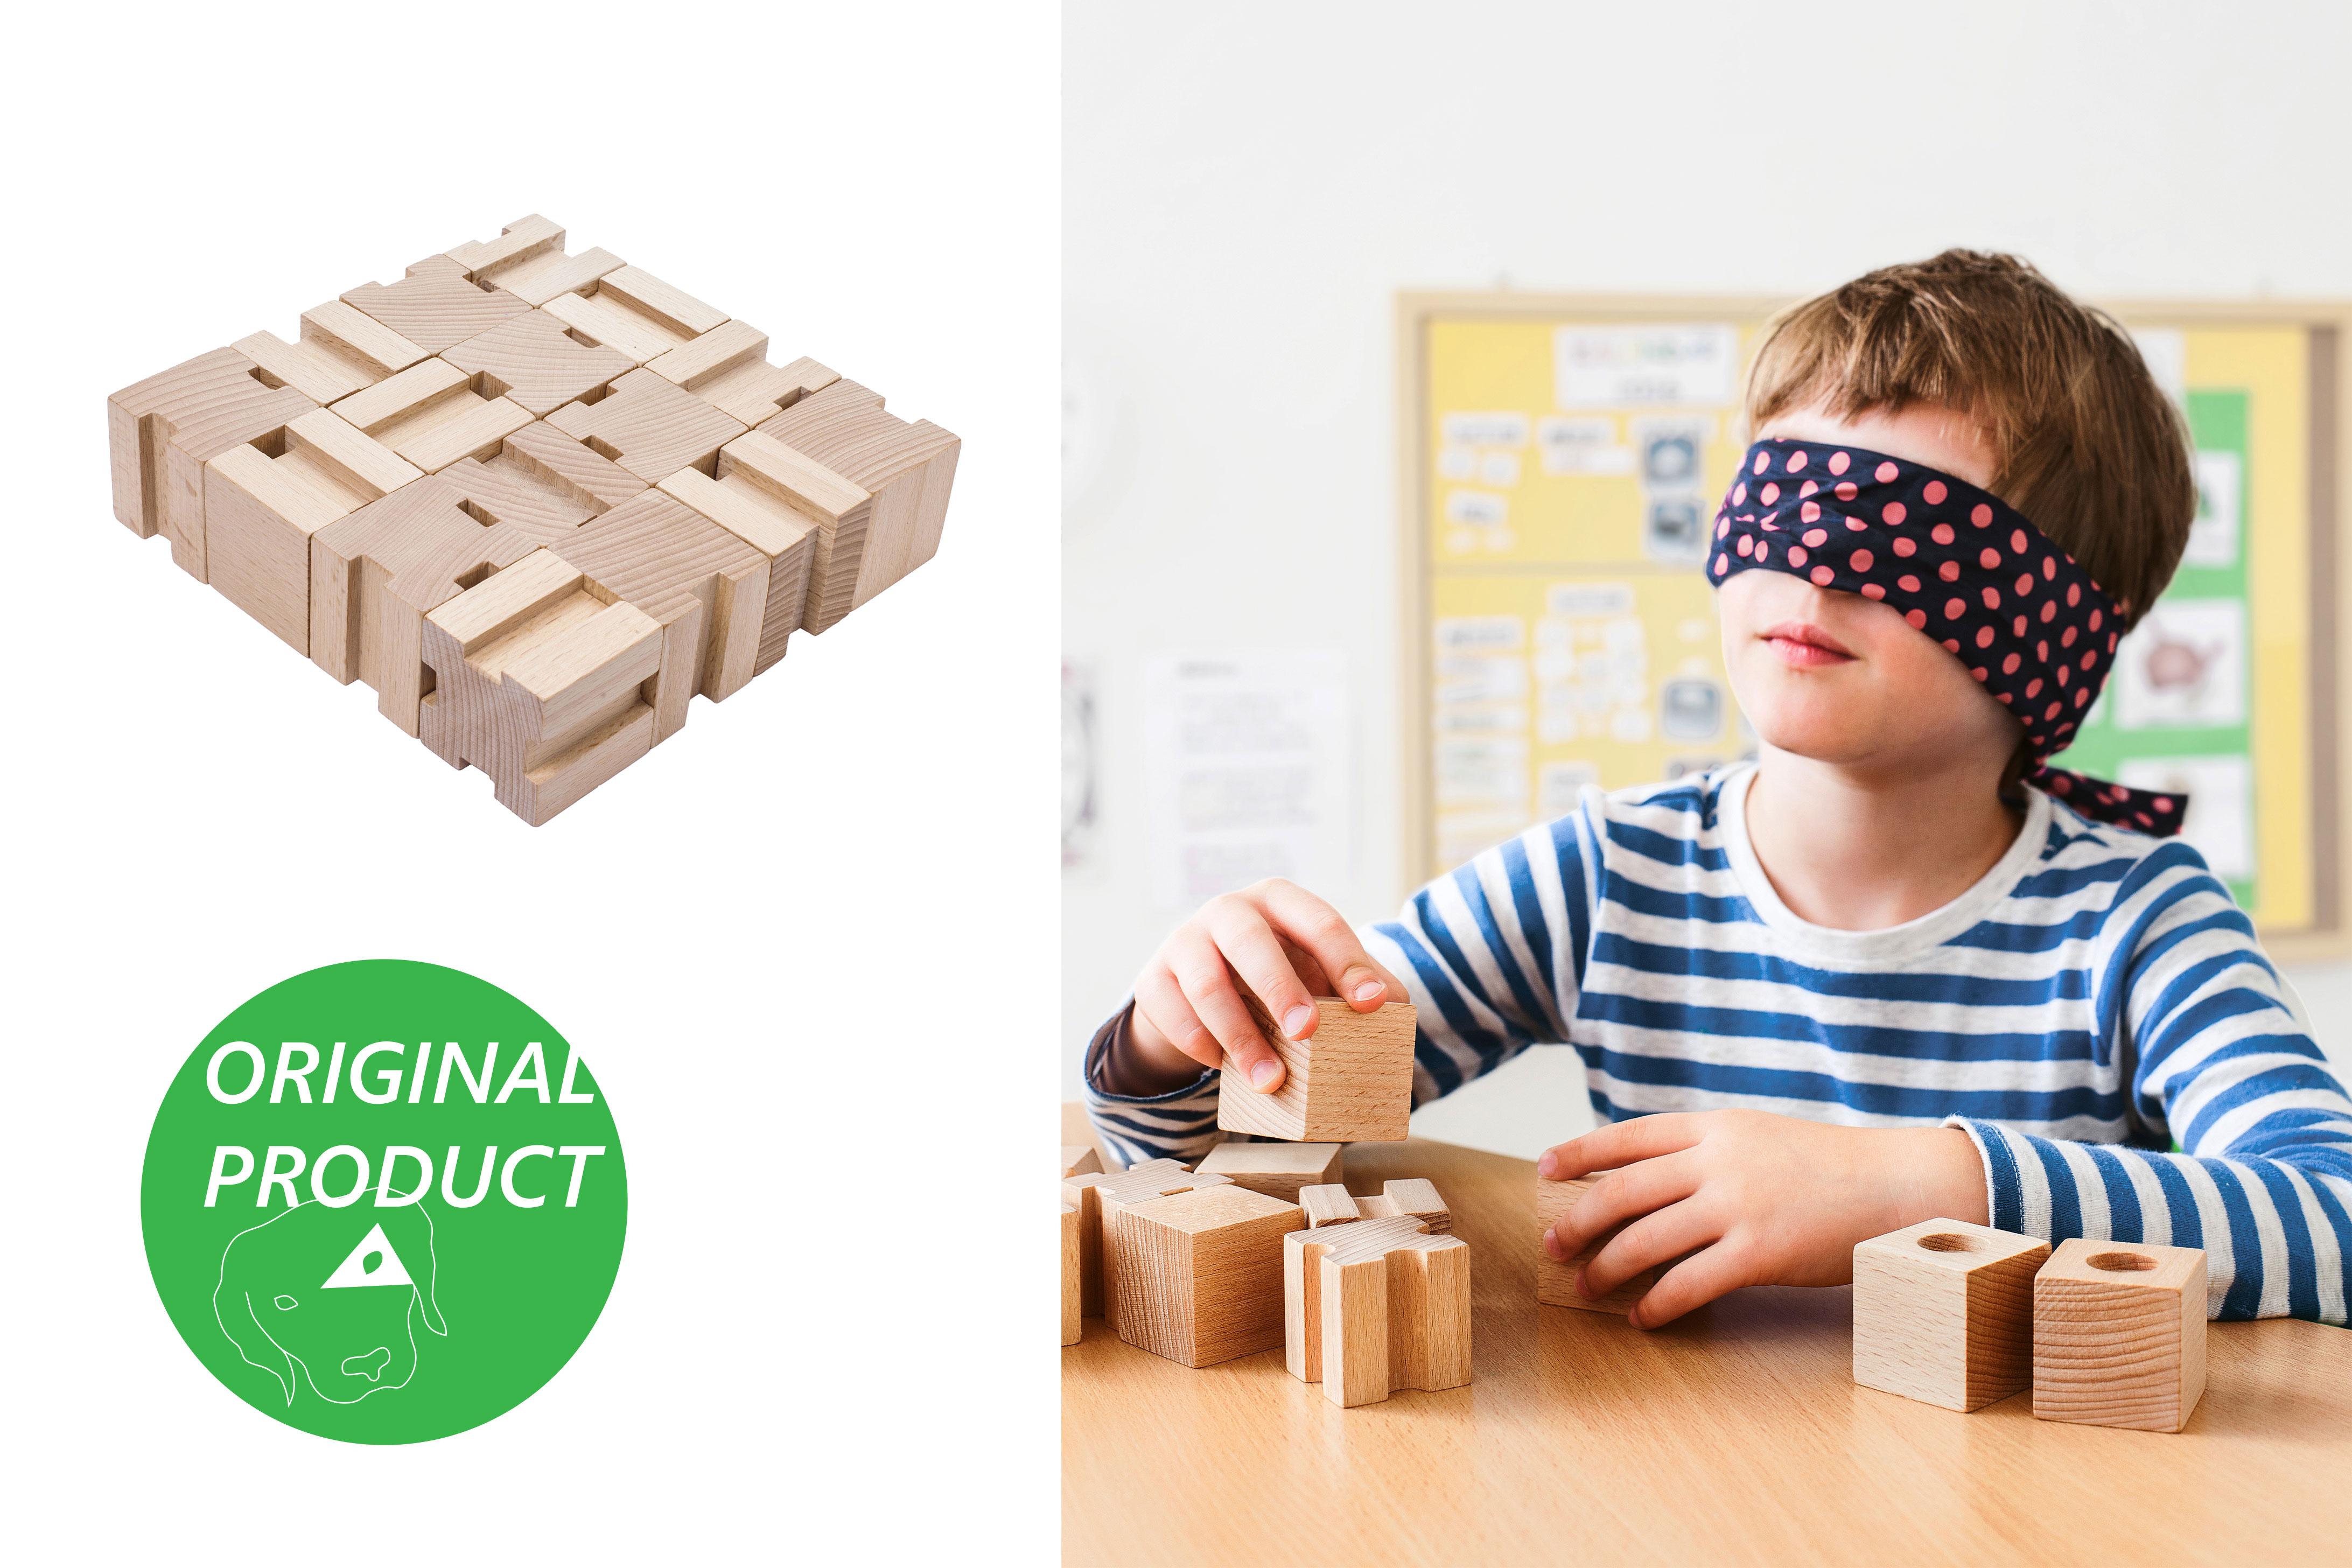 CODY DĚTSKÉ POMŮCKY Dřevěné hmatové kostky 3. stupeň obtížnosti